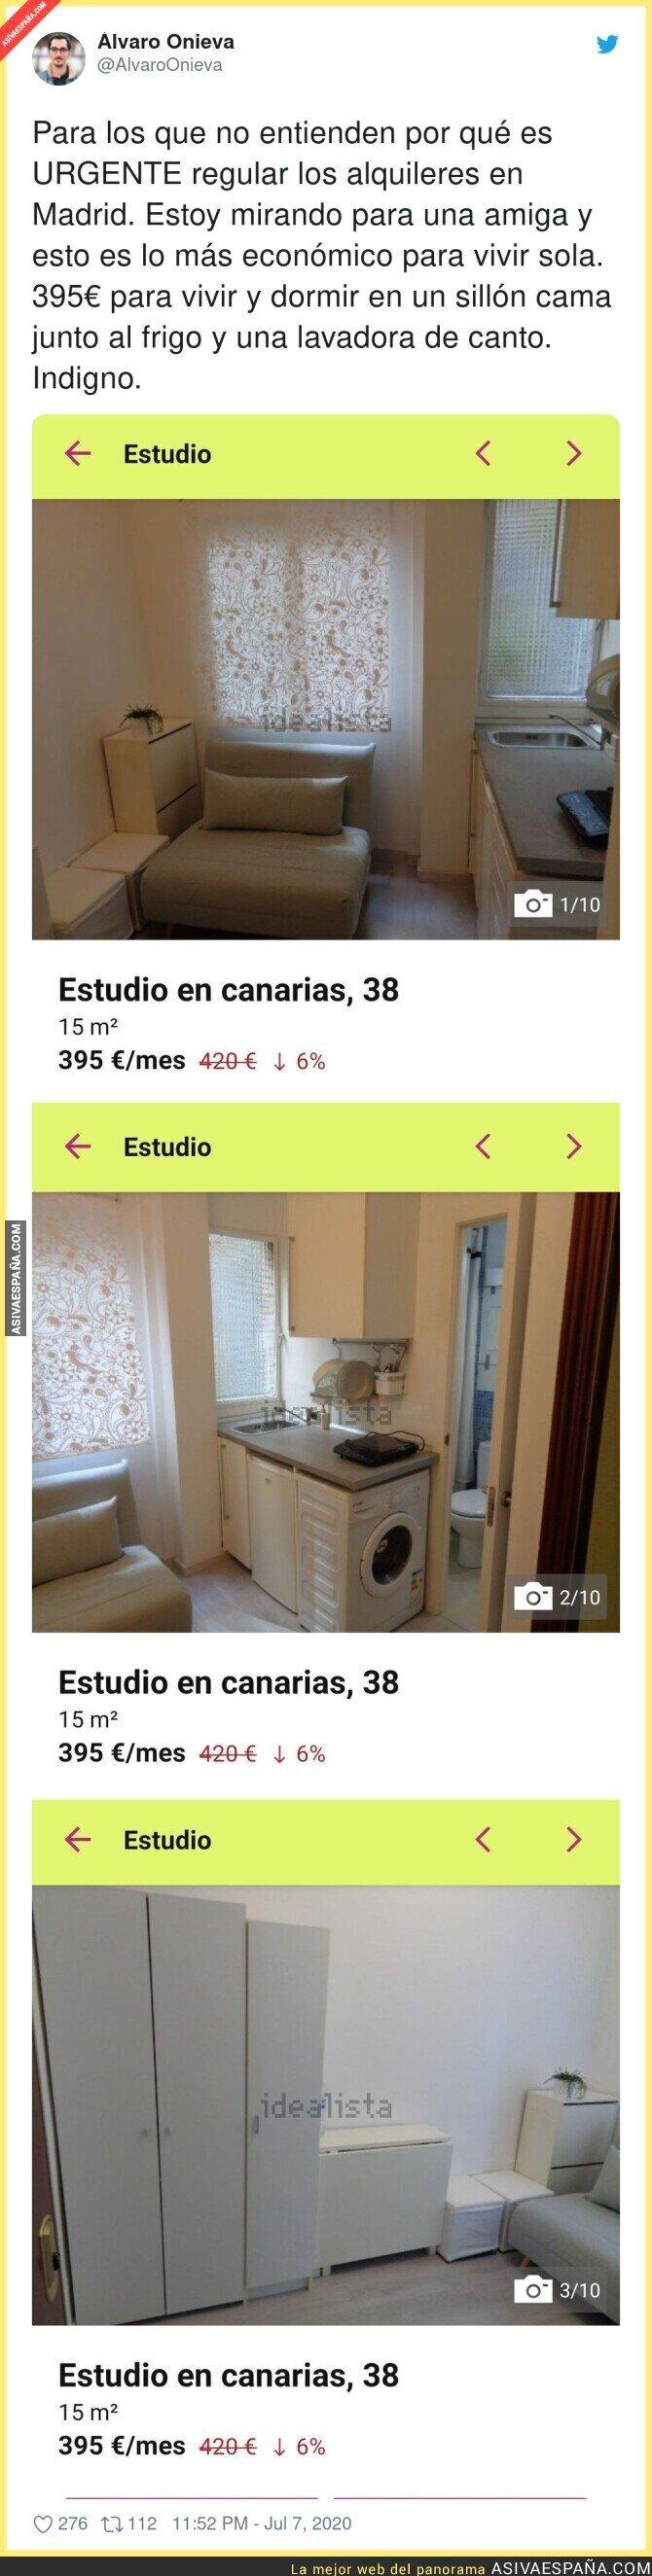 261797 - Atención a las imágenes del sitio más barato para vivir en Madrid